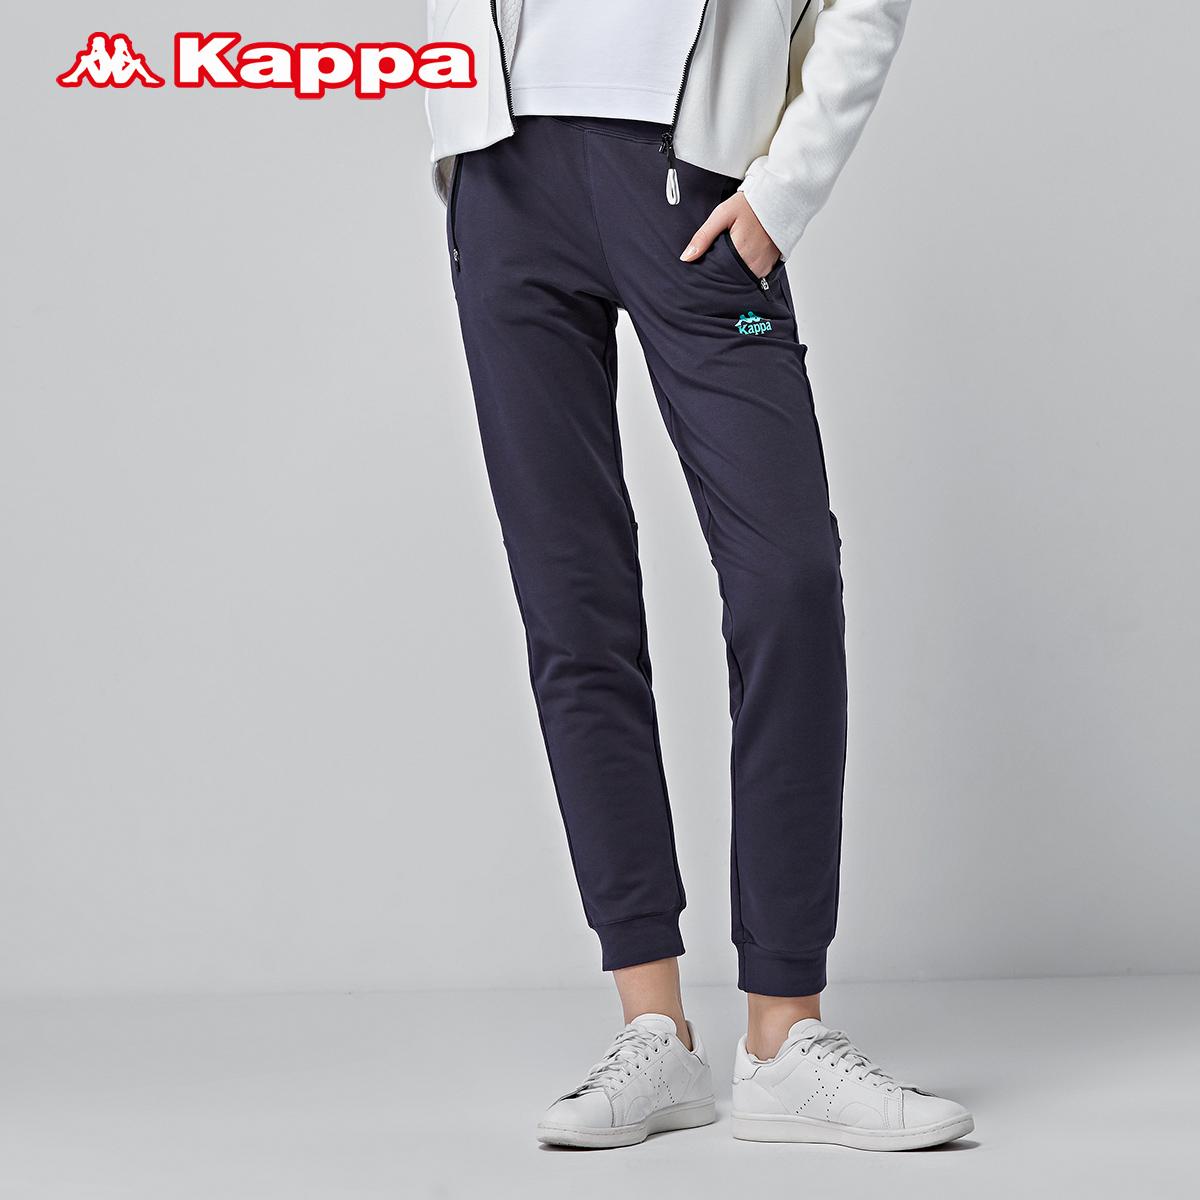 惠kappa卡帕女运动裤卫裤针织运动裤女长裤 |K0762AK10D